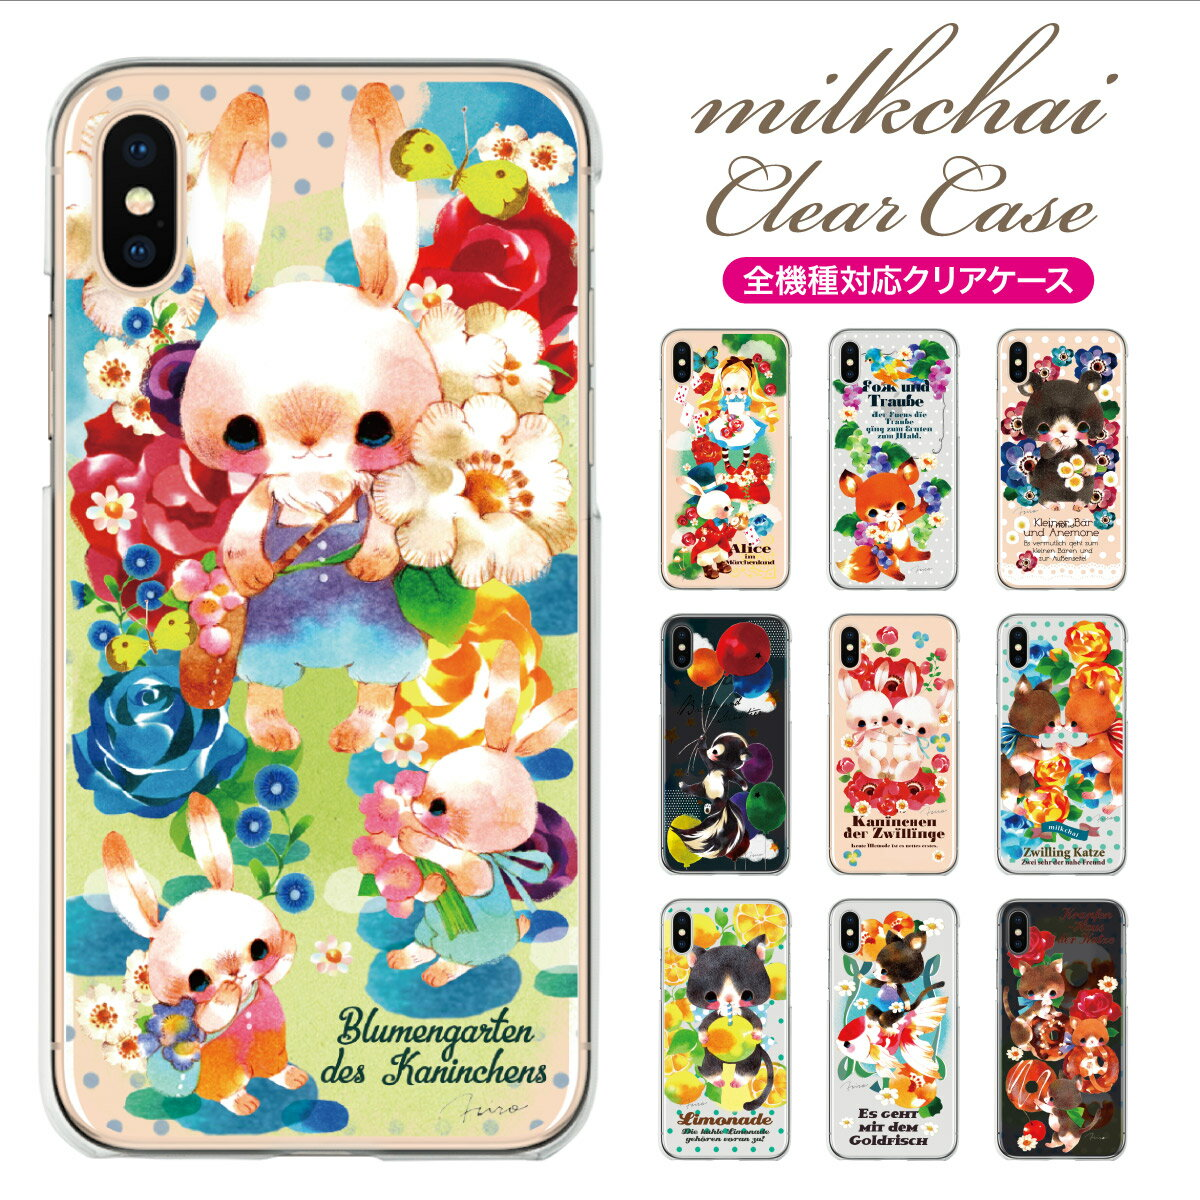 スマホケース 全機種対応 ケース カバー ハードケース クリアケース iPhoneXS Max iPhoneXR iPhoneX iPhone8 Plus iPhone7 iPhone6s iPhone6 Plus iPhone SE 5s Xperia XZ2 XZ1 XZ XZs SO-05K SO-03K aquos R2 R SH-03K galaxy S9 S8 milkchai 30-zen-ca001